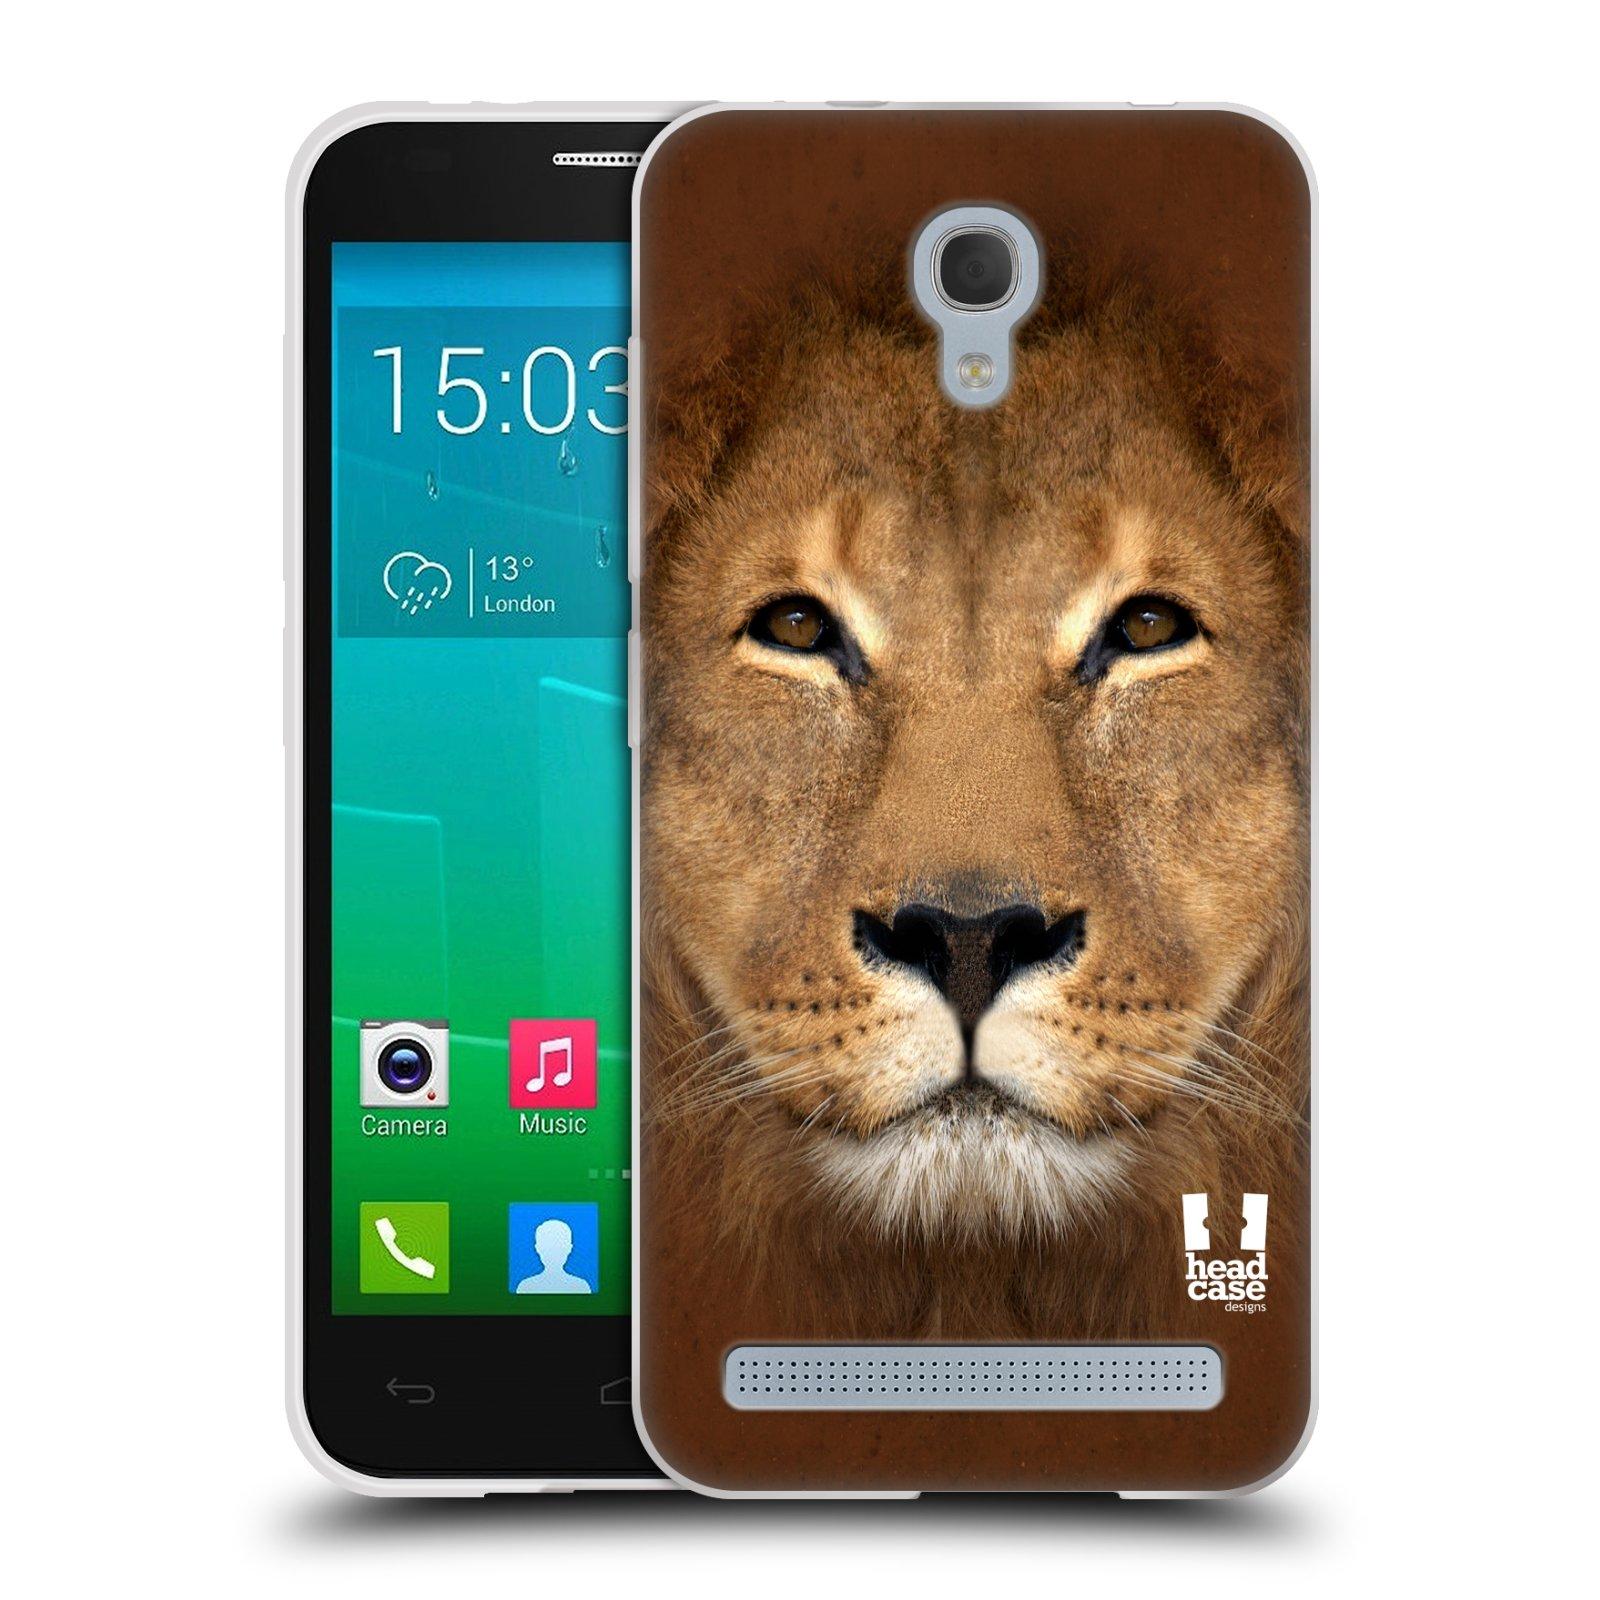 HEAD CASE silikonový obal na mobil Alcatel Idol 2 MINI S 6036Y vzor Zvířecí tváře 2 Lev